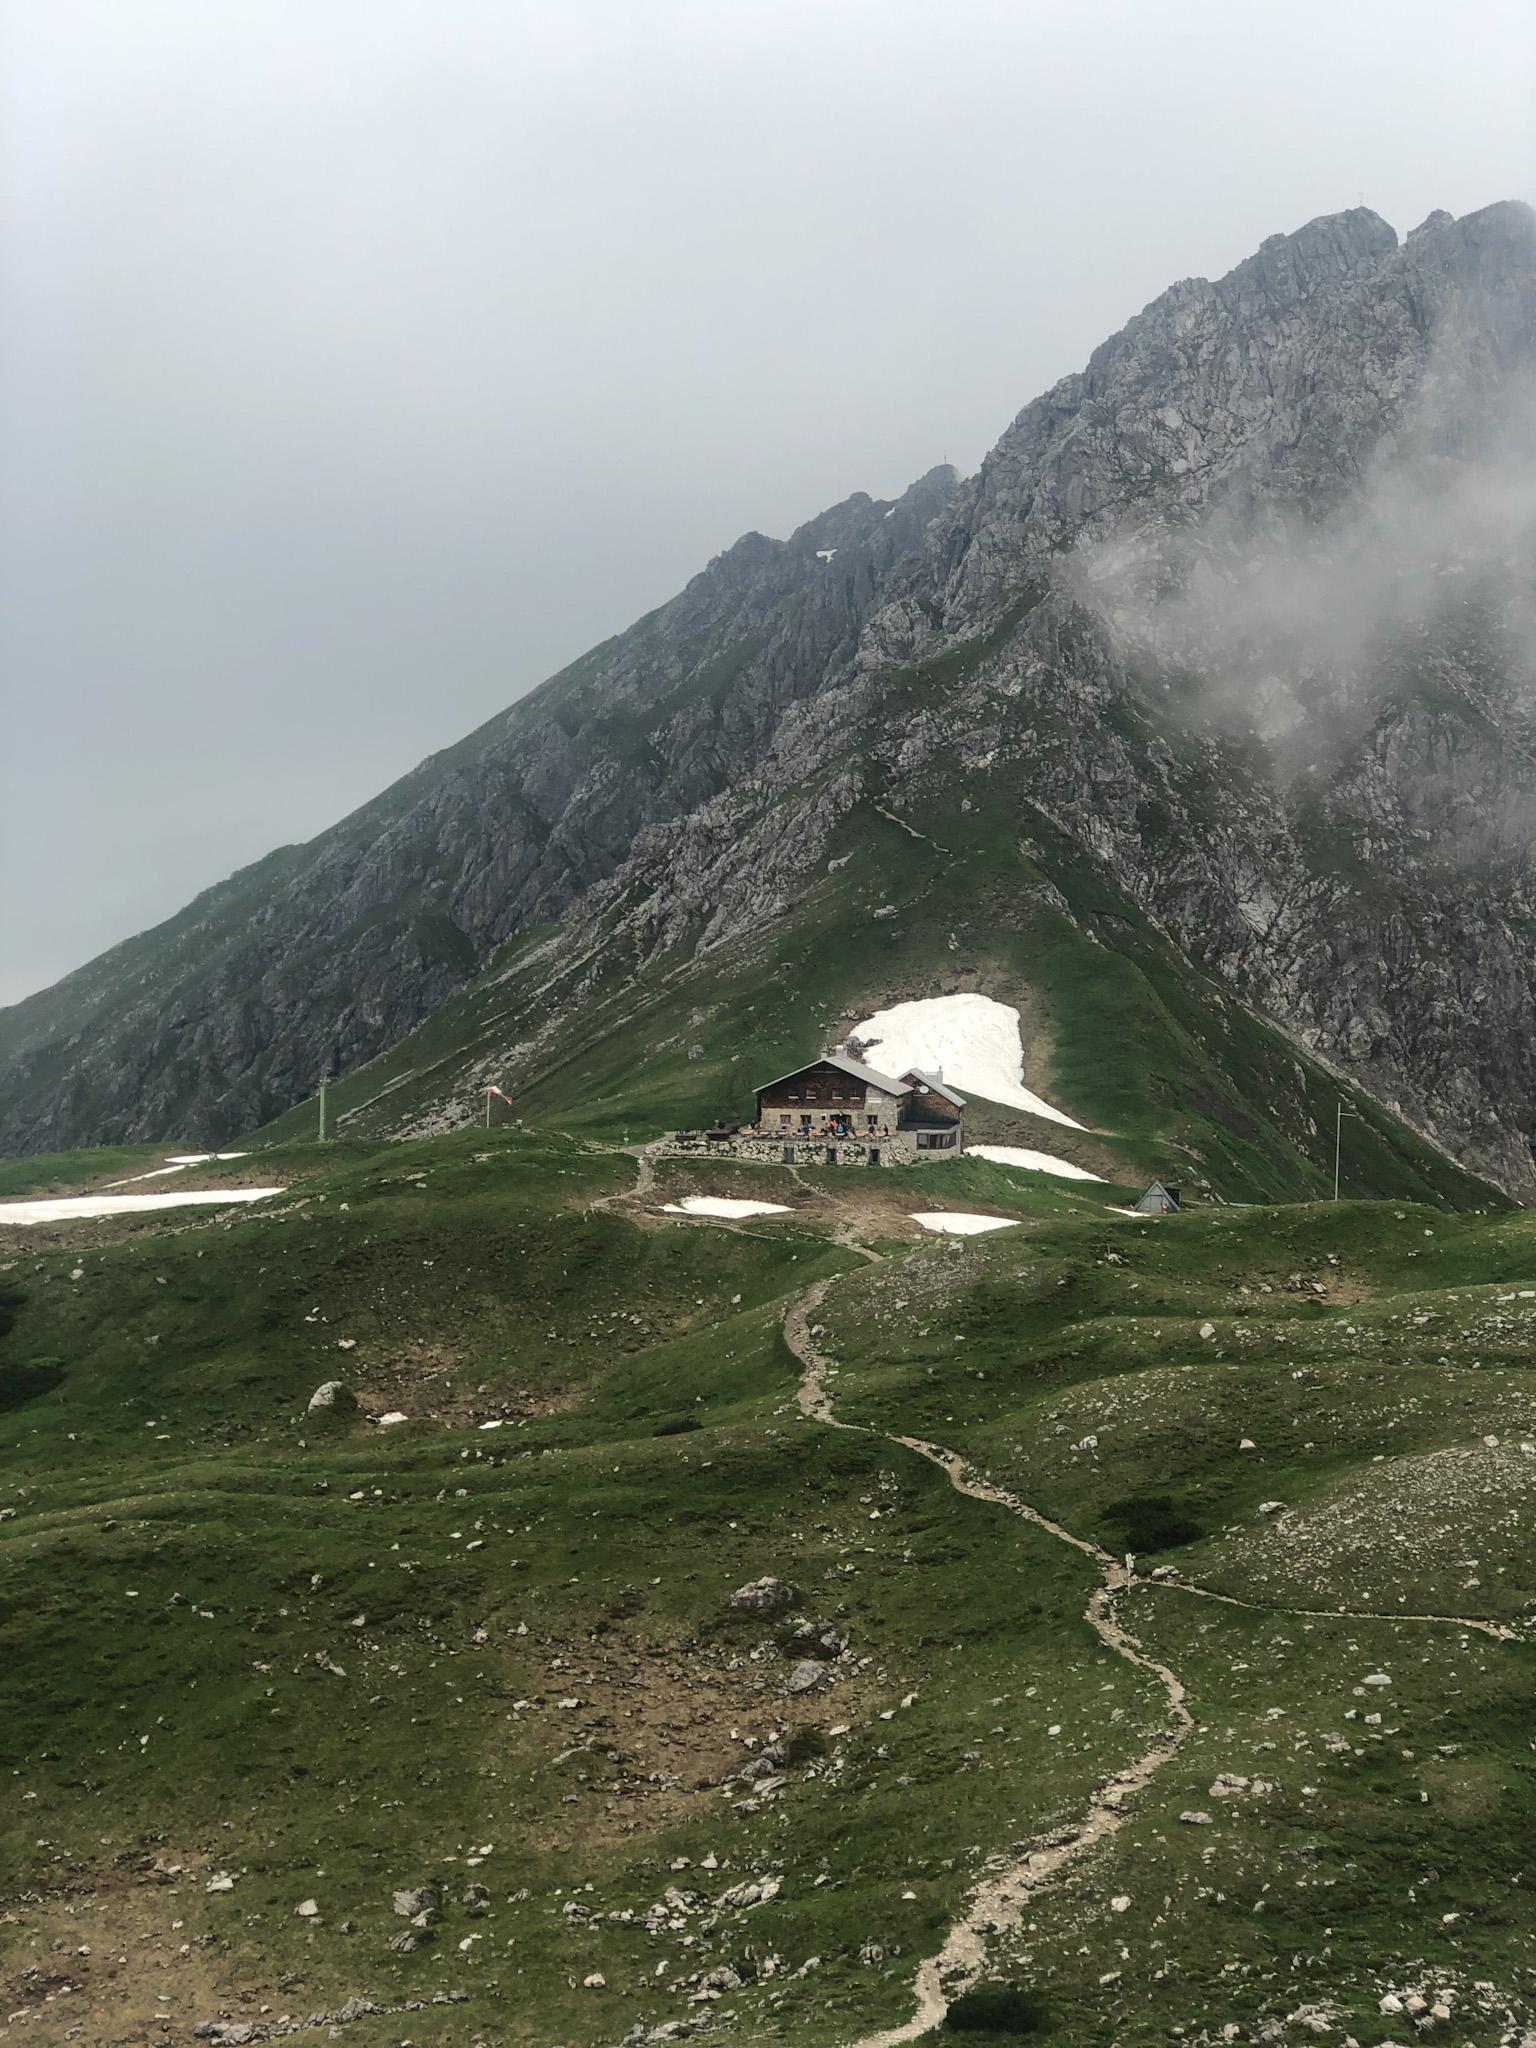 Le refuge de Fiderepass dans les Alpes d'Allgäu